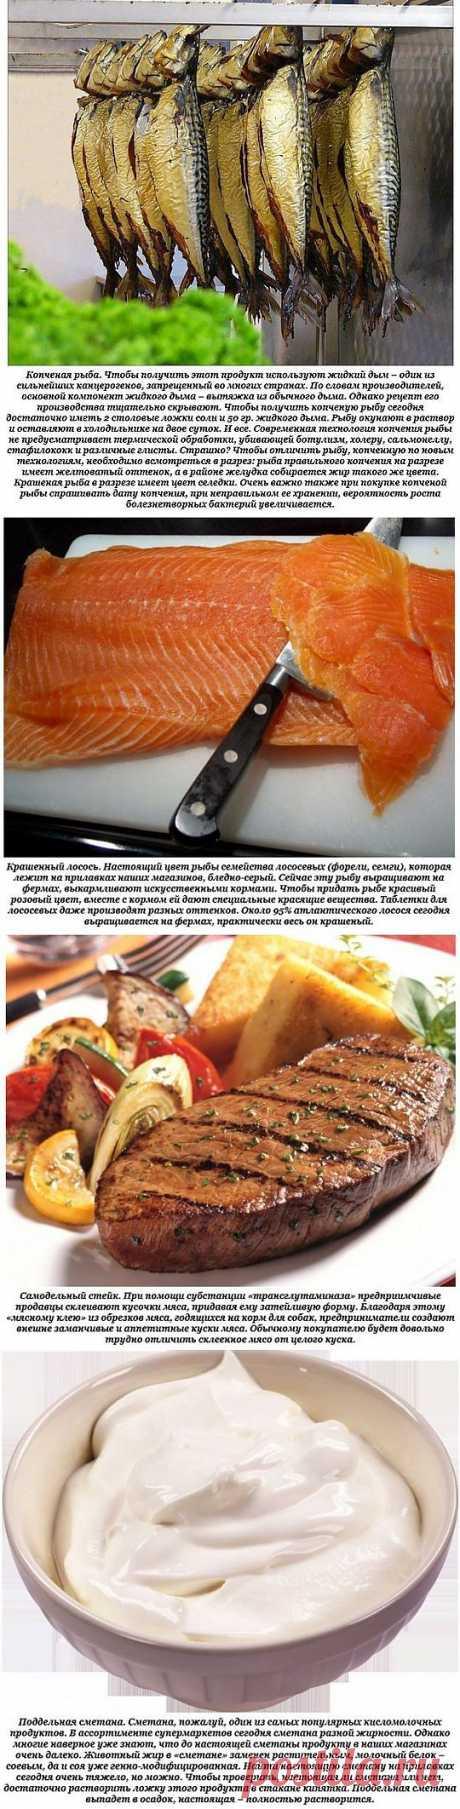 Как подделывают популярные продукты питания.